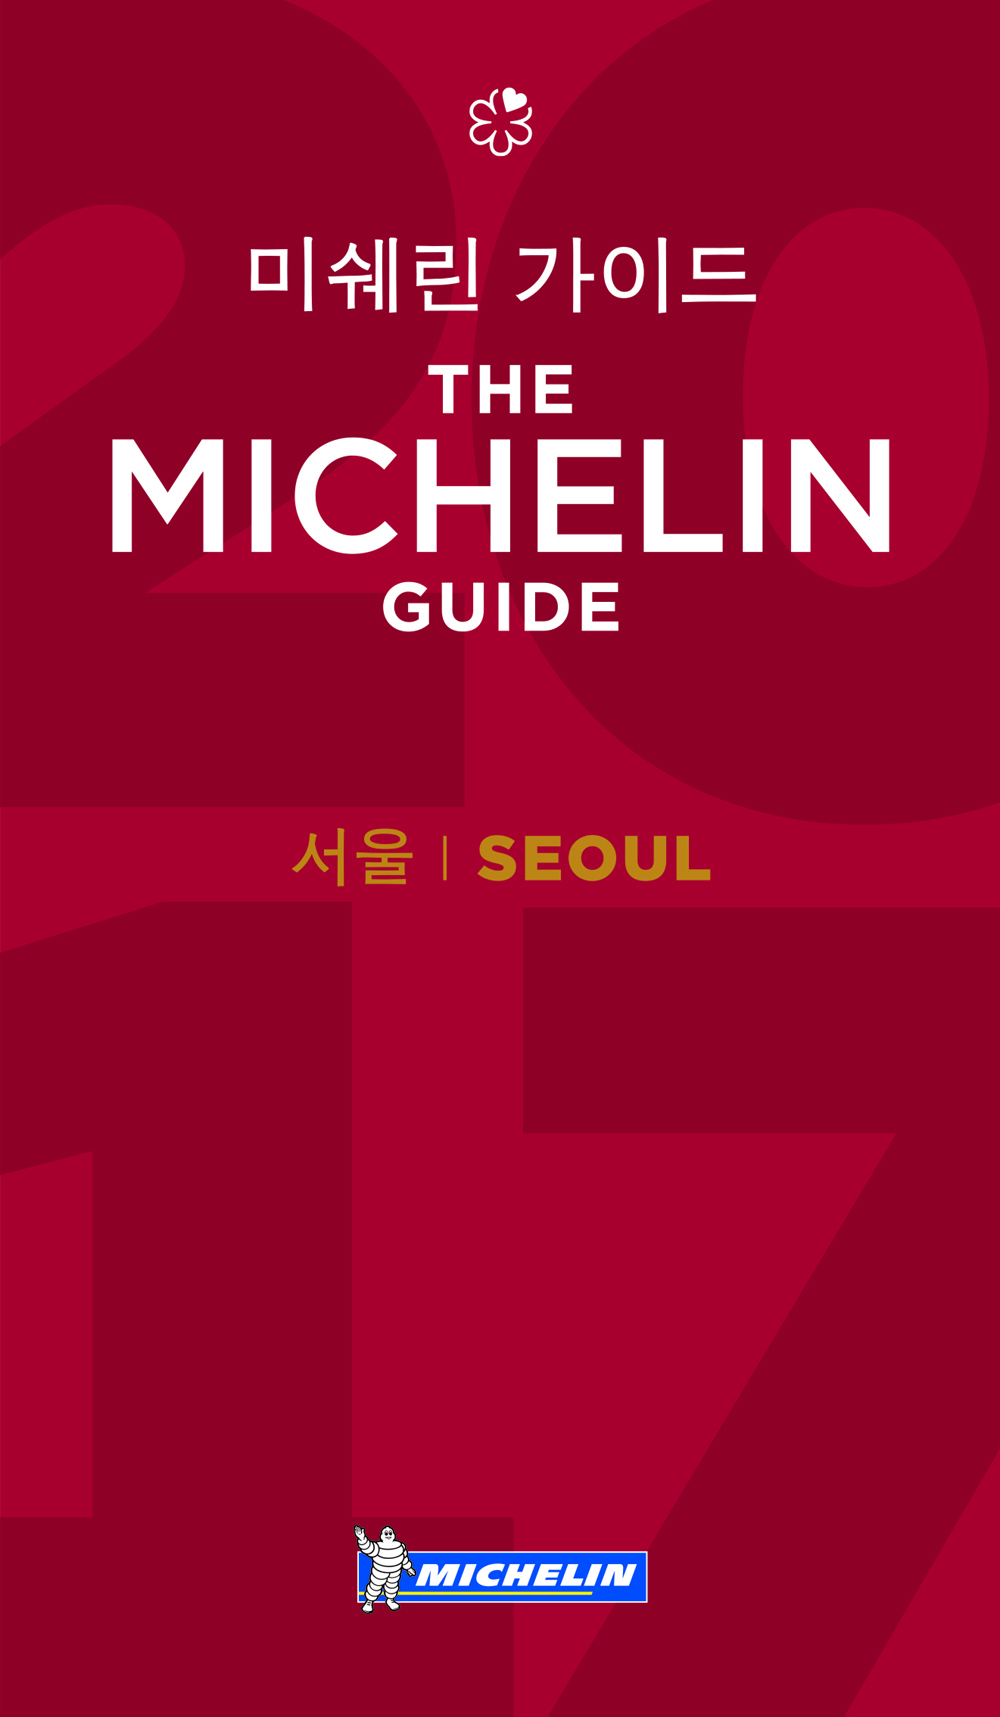 미쉐린 가이드 서울편 표지 이미지